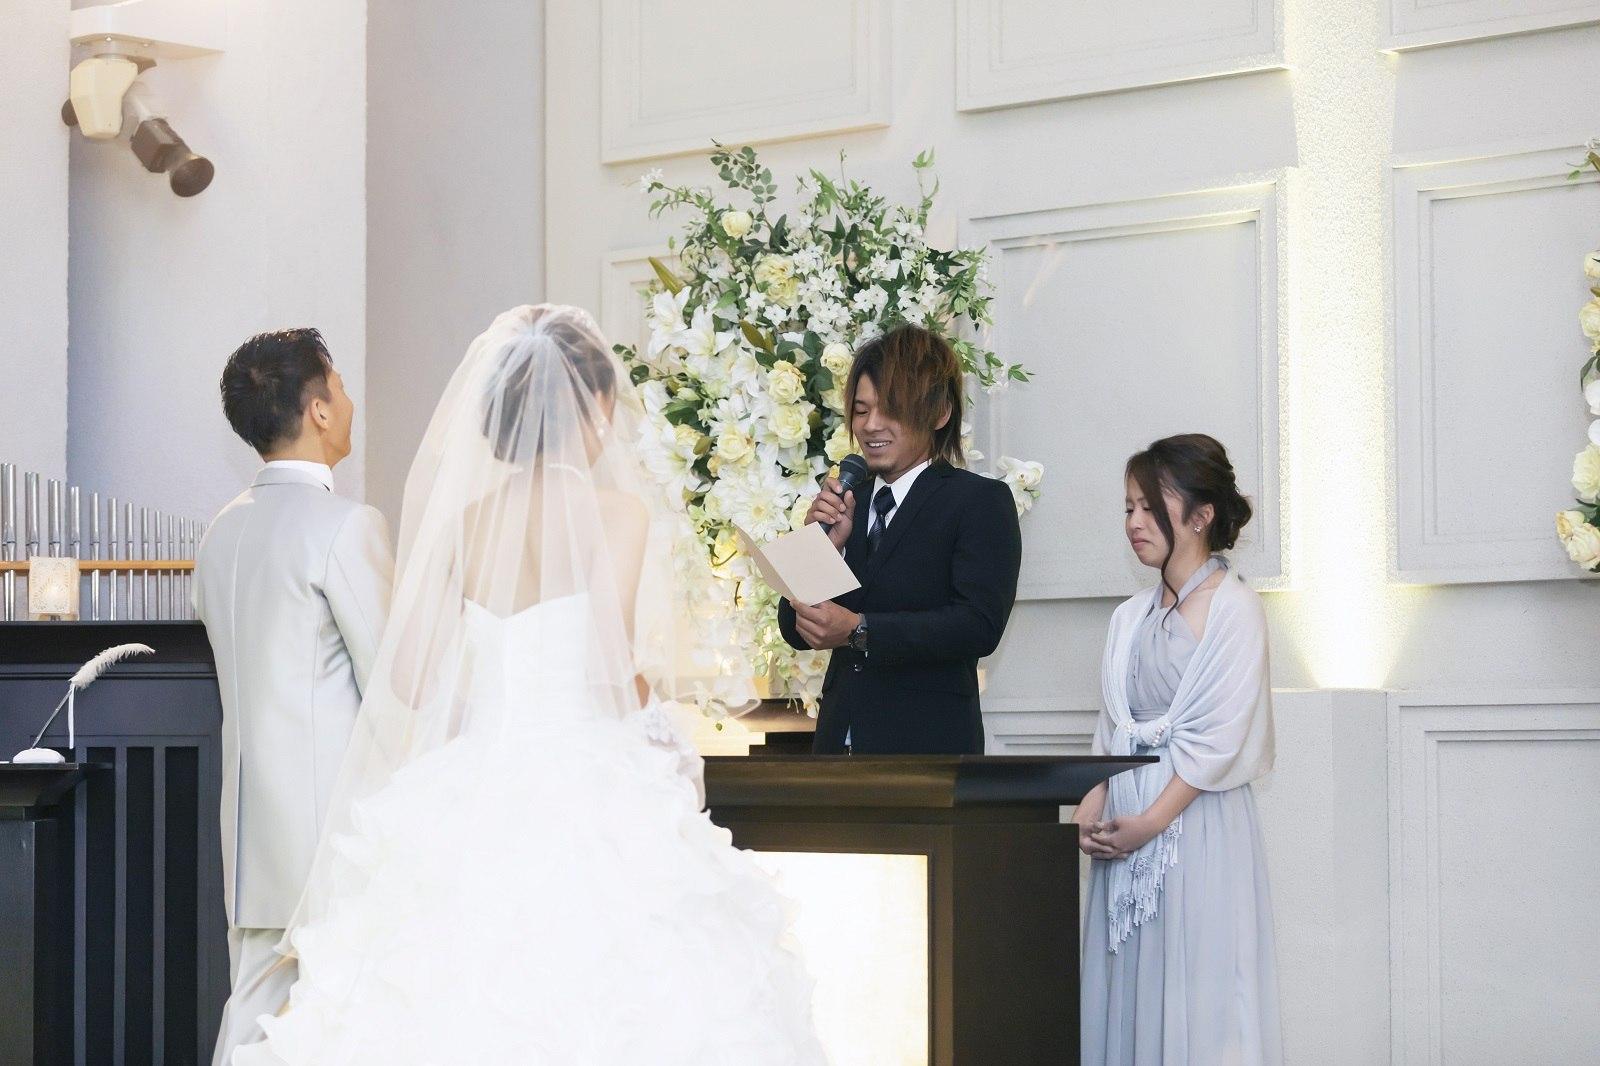 香川県高松市の小さな結婚式相談カウンターマリマリコンシェルジュのご紹介式場 シェルエメールでの人前式